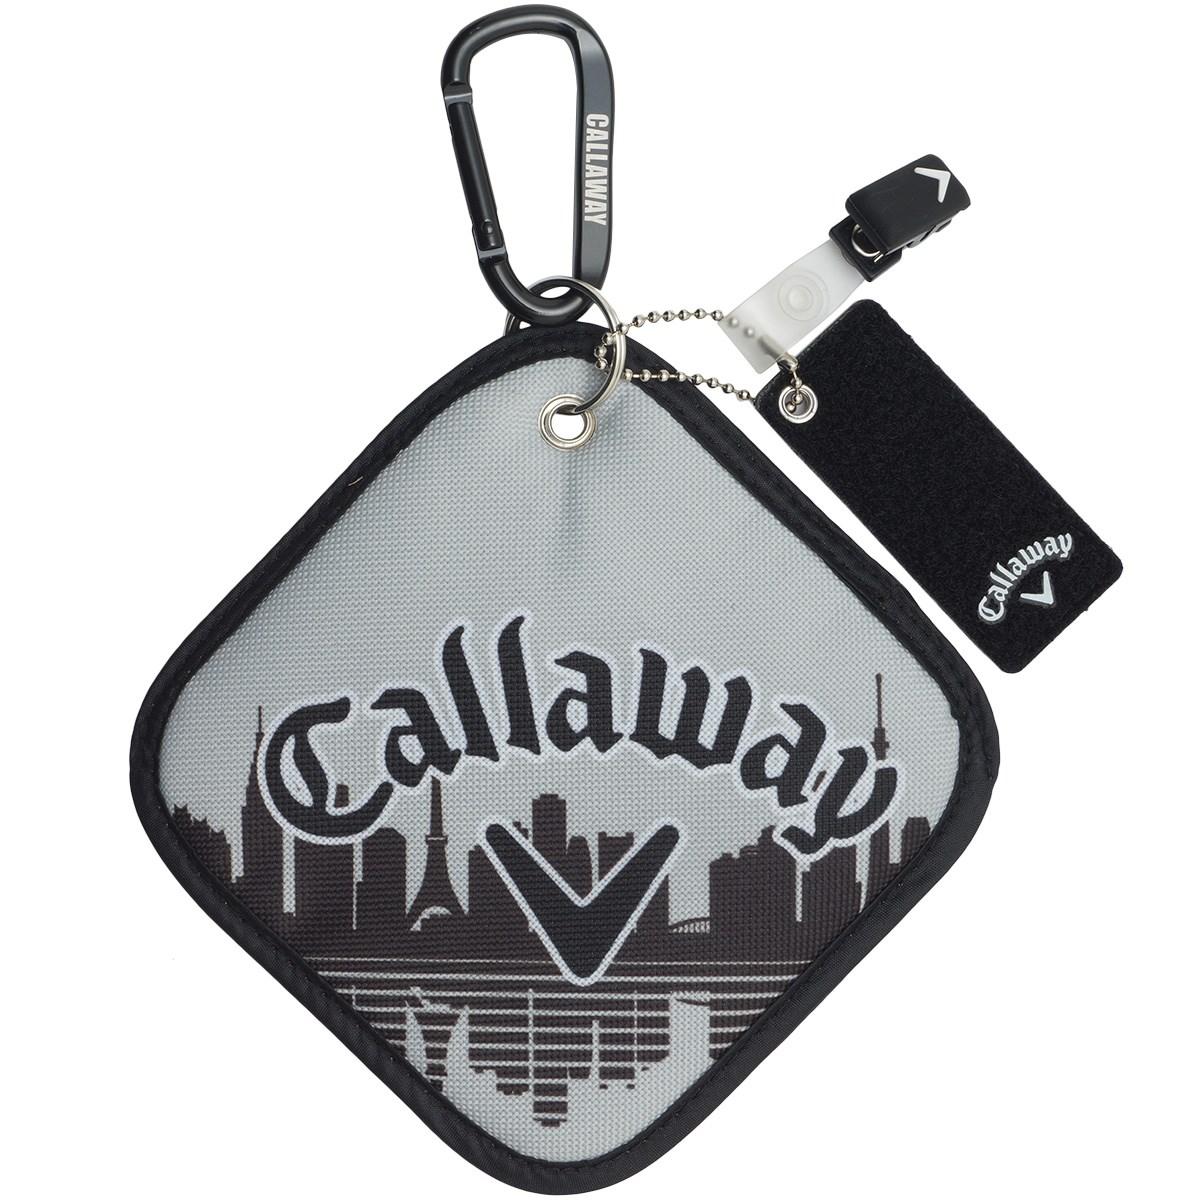 キャロウェイゴルフ(Callaway Golf) ラウンドスイーパー